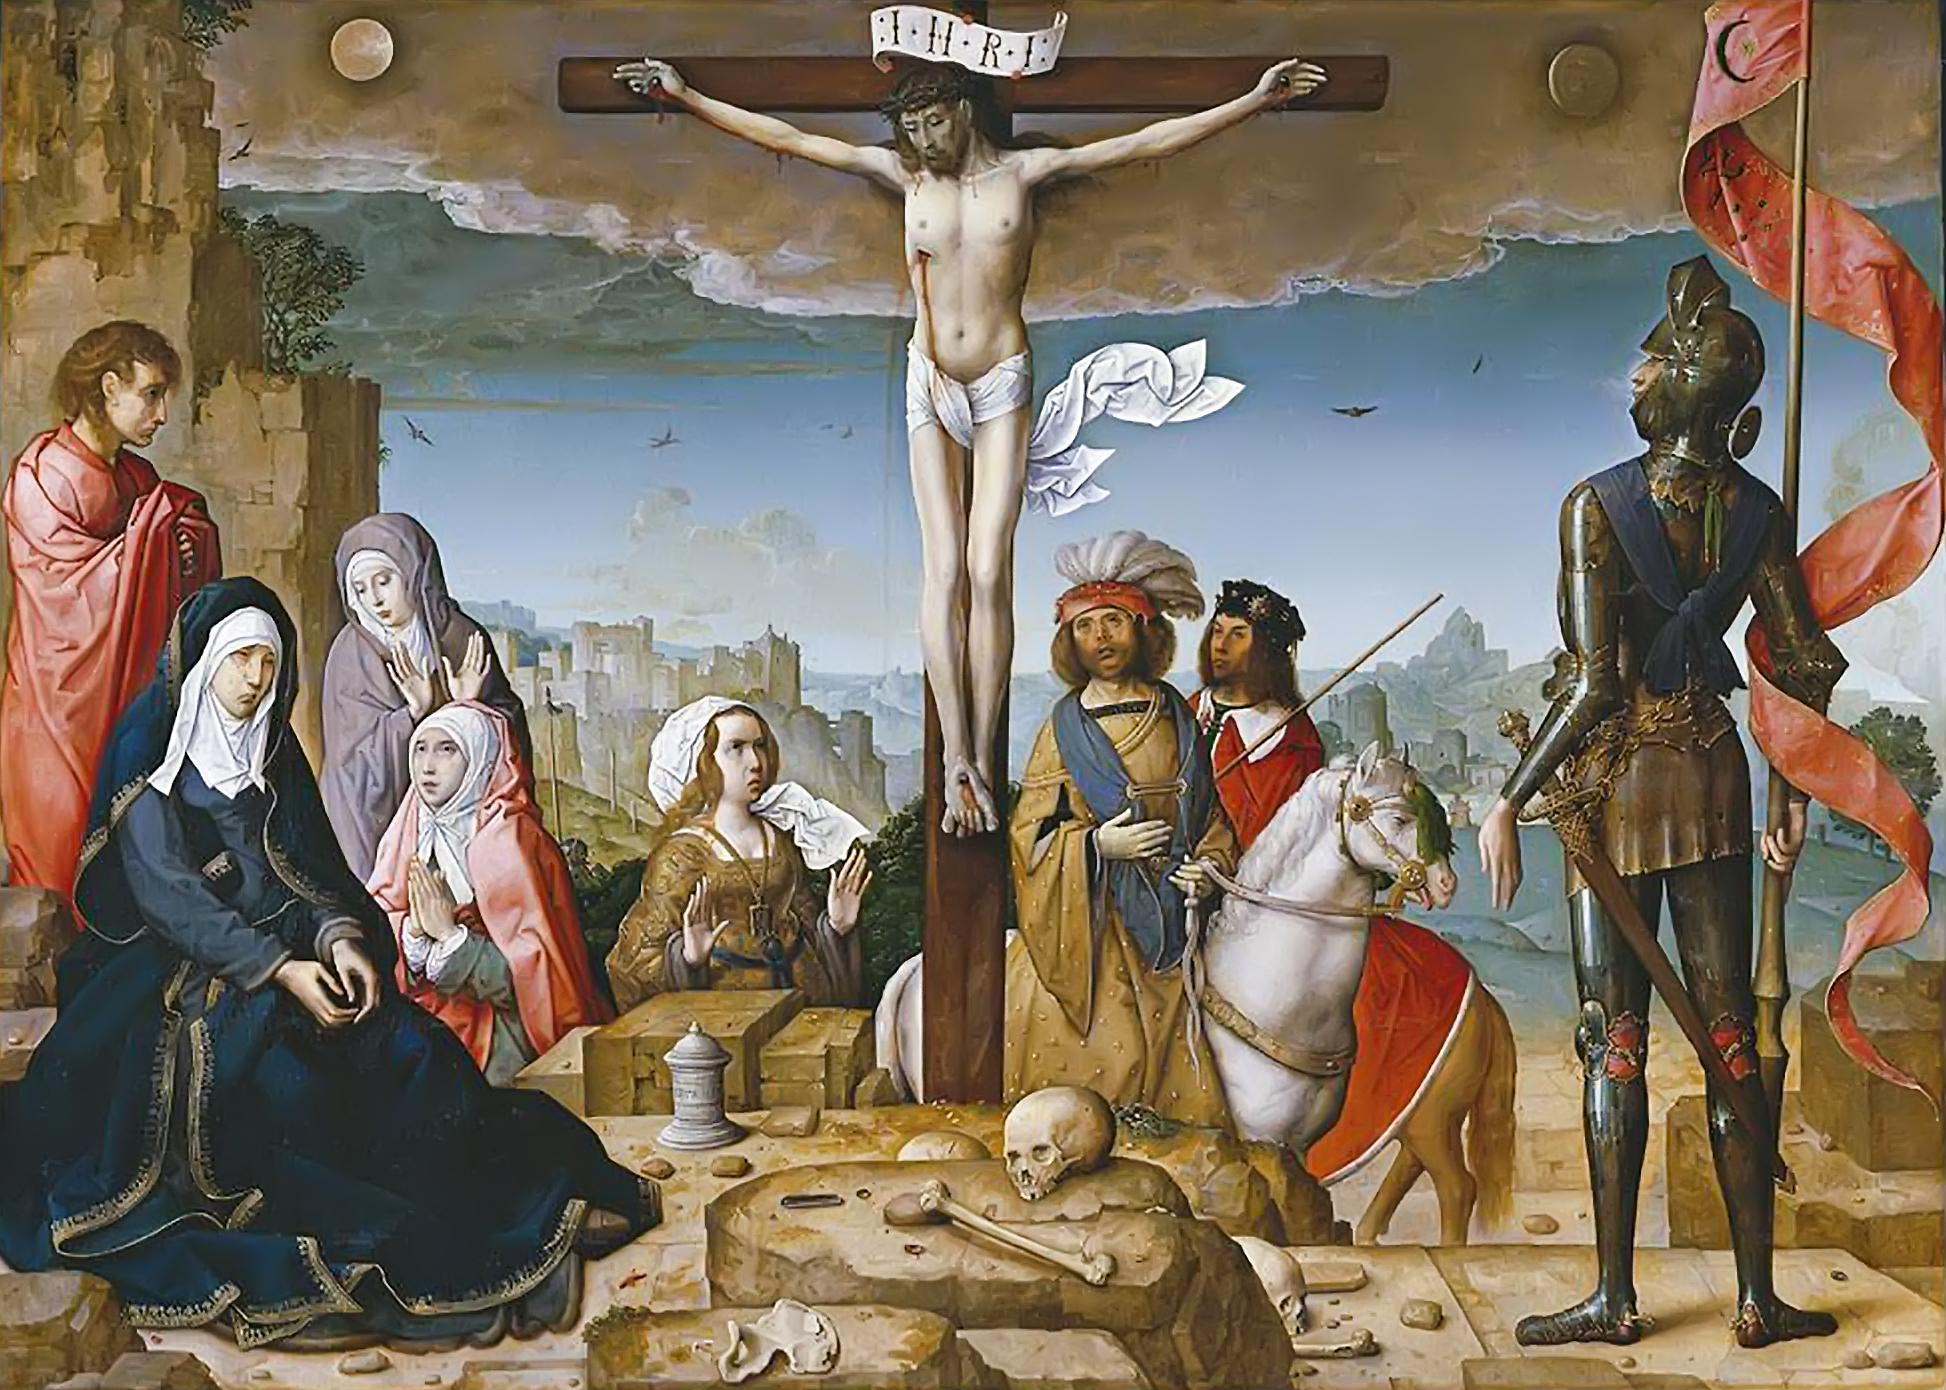 耶稣基督图片大全全集